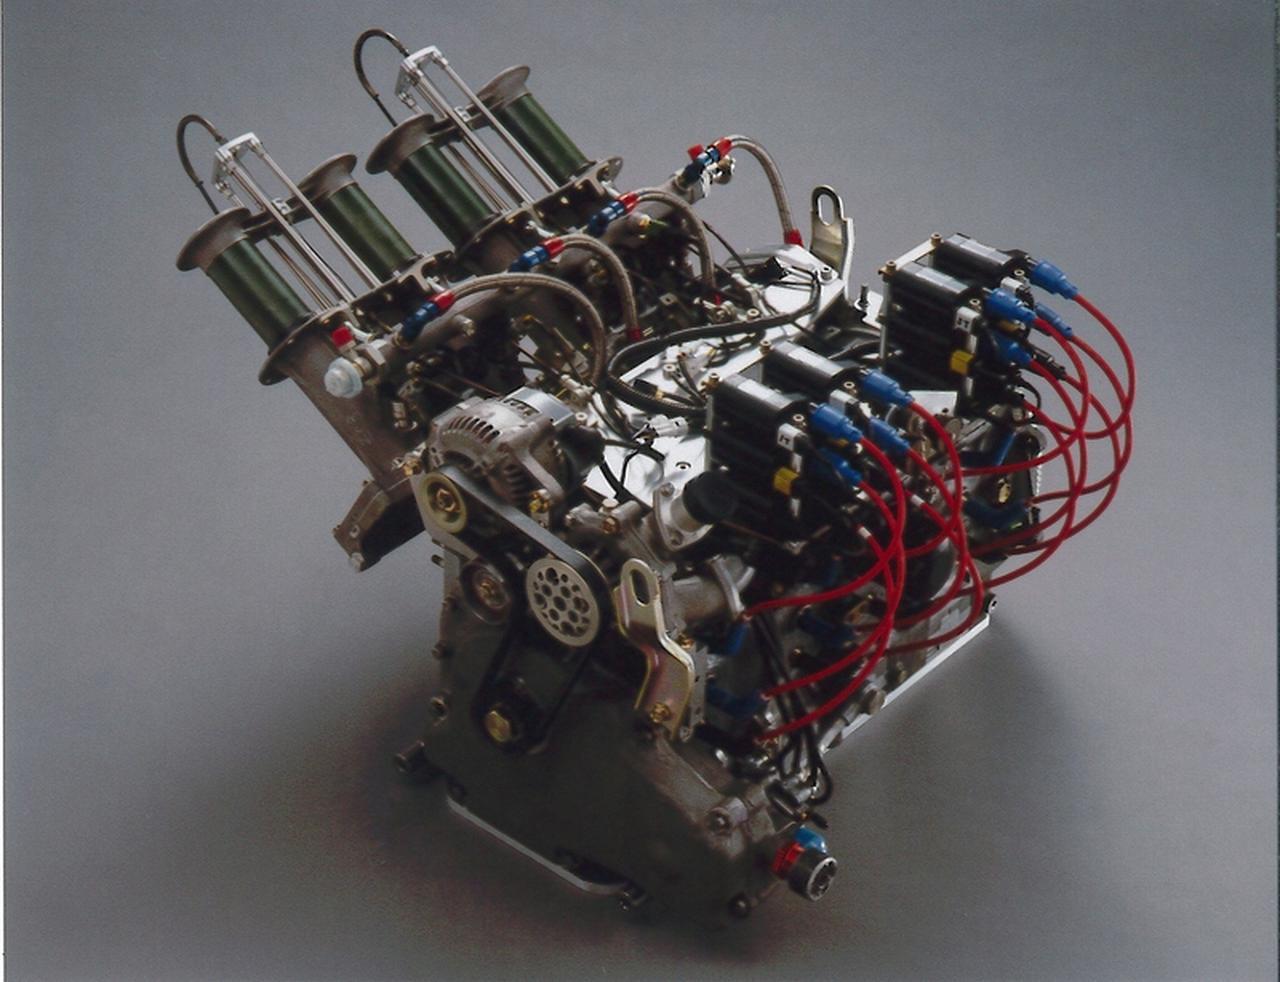 画像: 画像はイメージ(R26B 1990年仕様プロトタイプ)です。実際の物とは異なる場合があります。